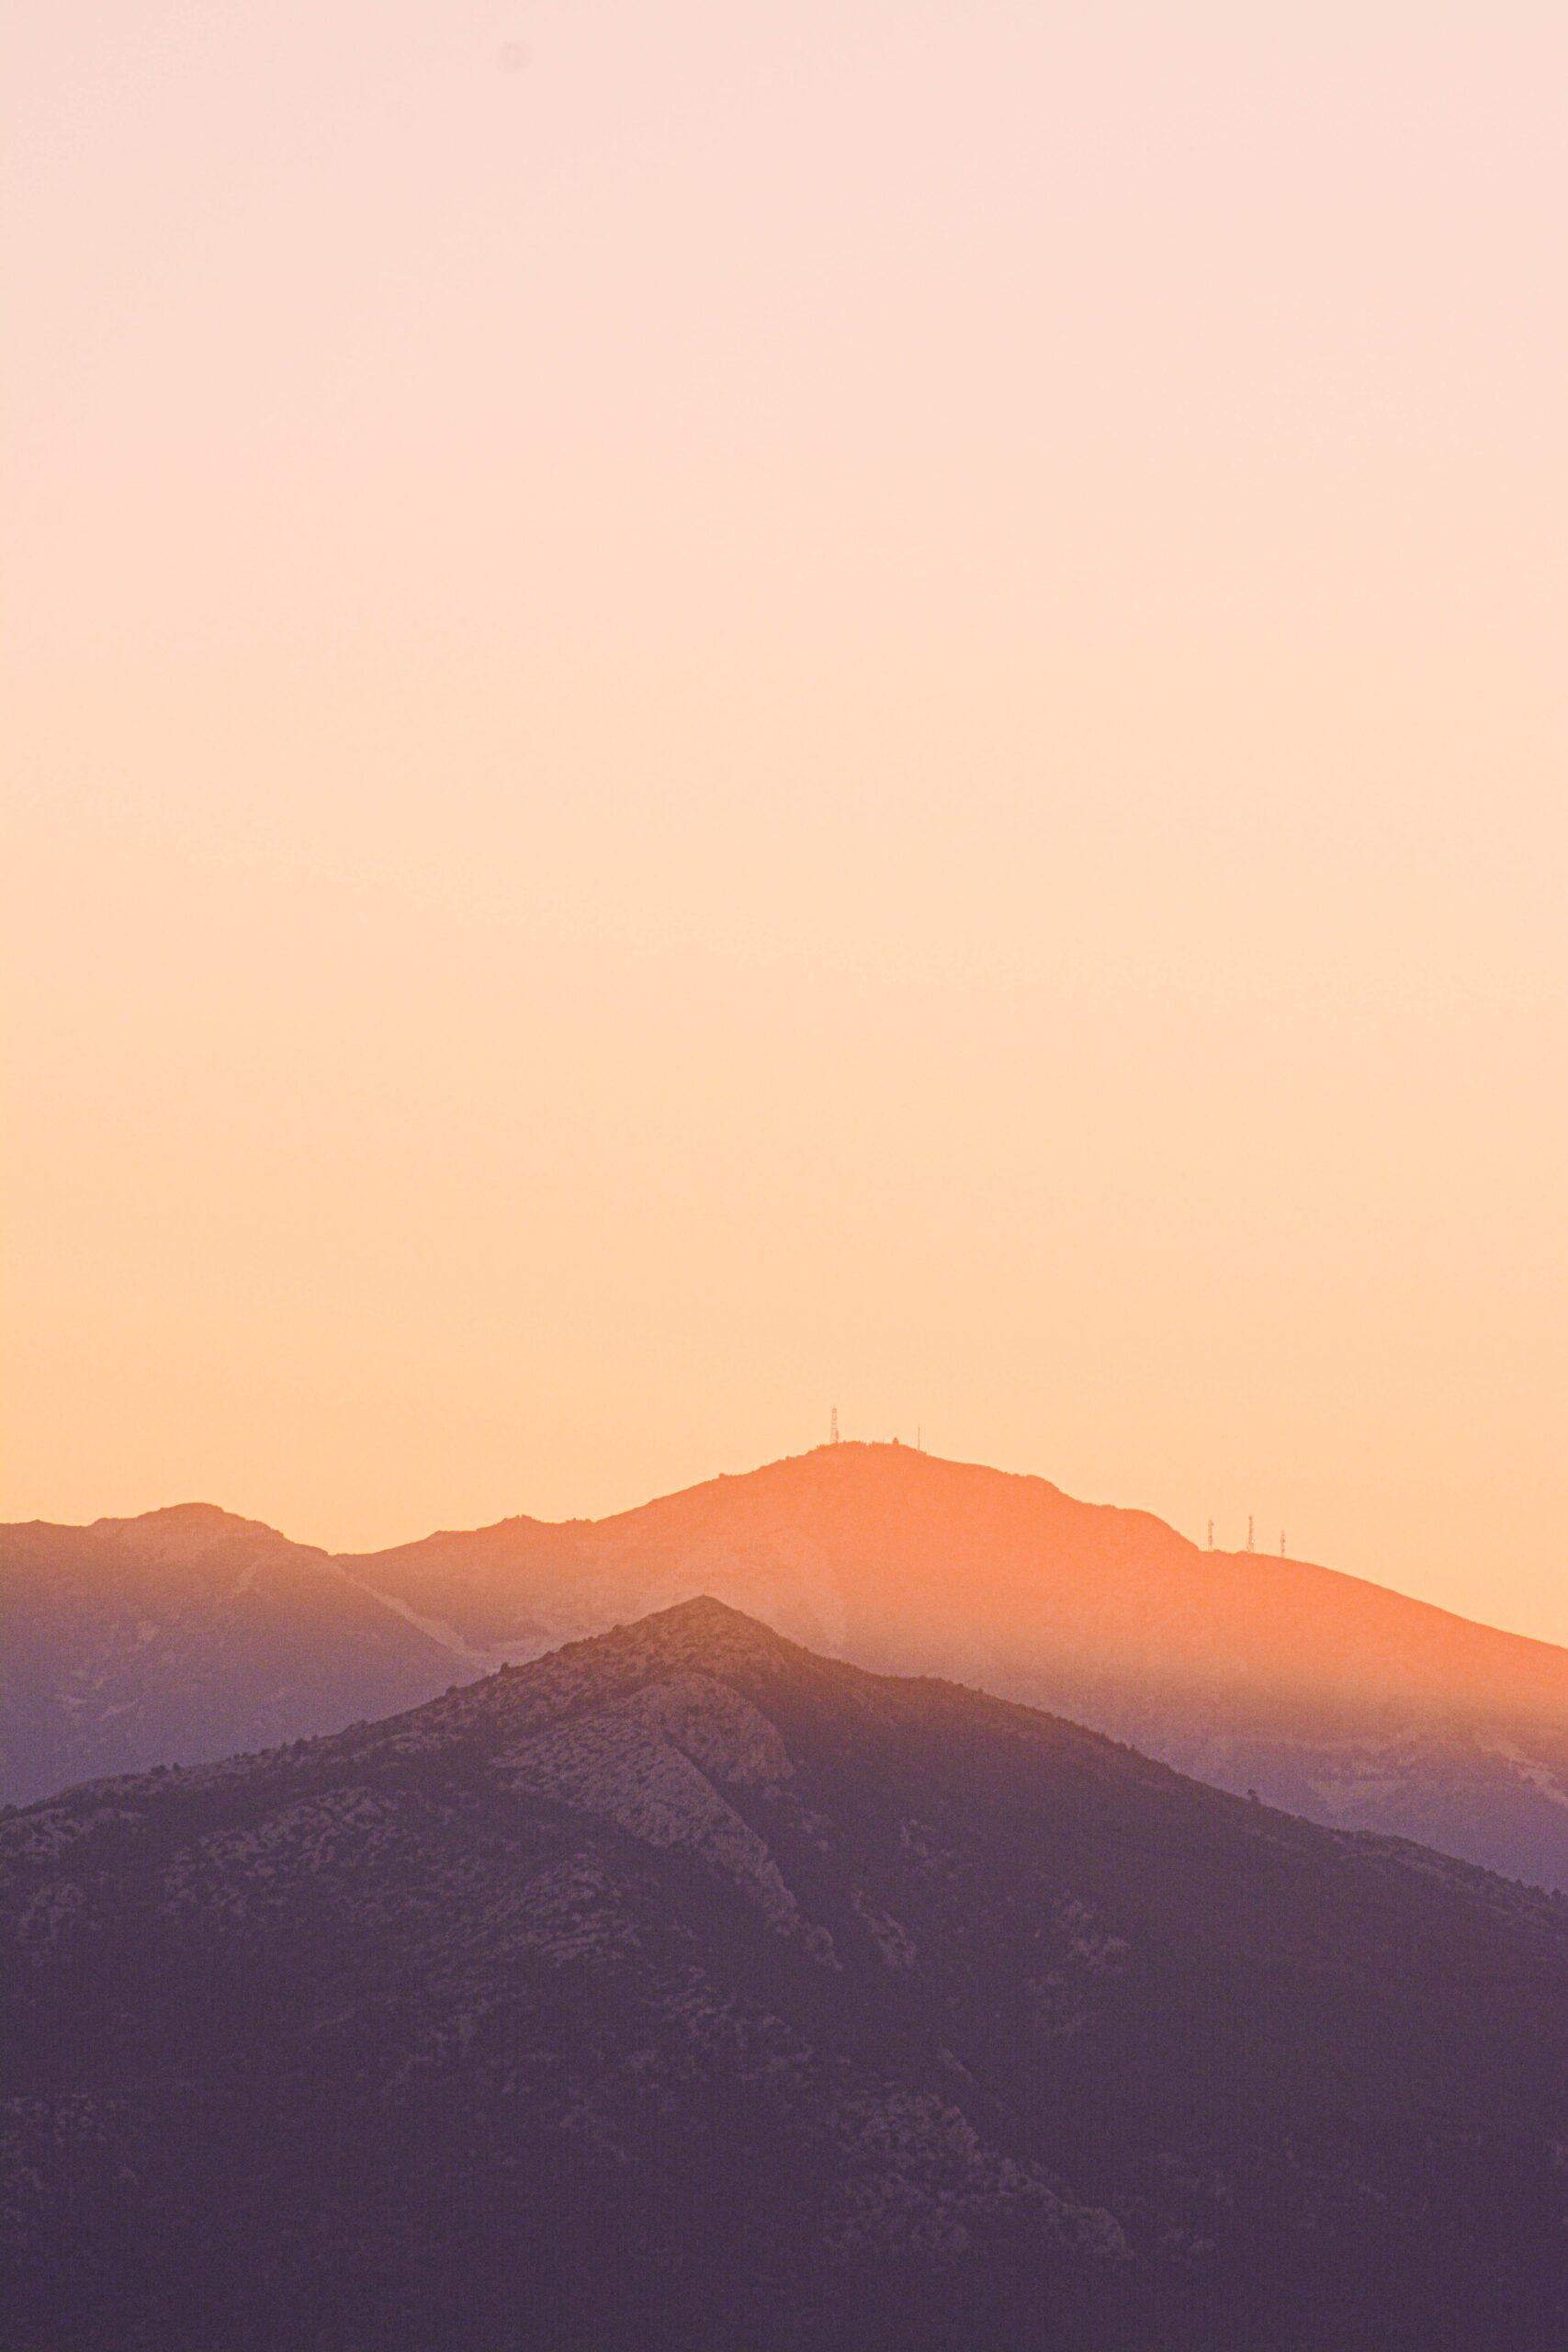 christina-deravedisian-beautiful mountain view early morning light-unsplash